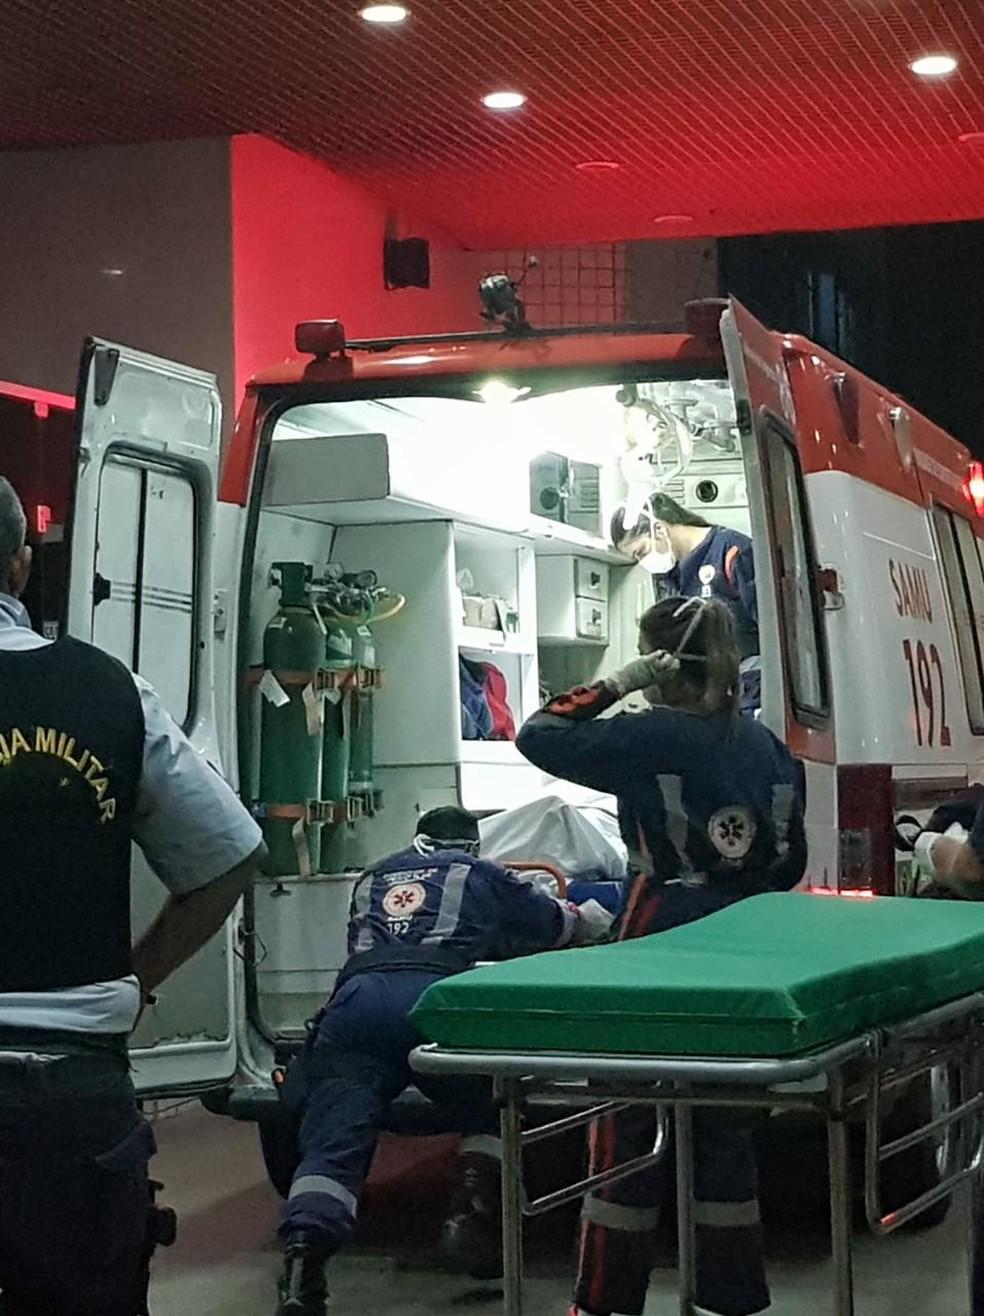 Policial foi transferido em uma ambulância do Samu para o IJF após ser baleado durante abordagem da CGD. — Foto: Rafaela Duarte/ Sistema Verdes Mares